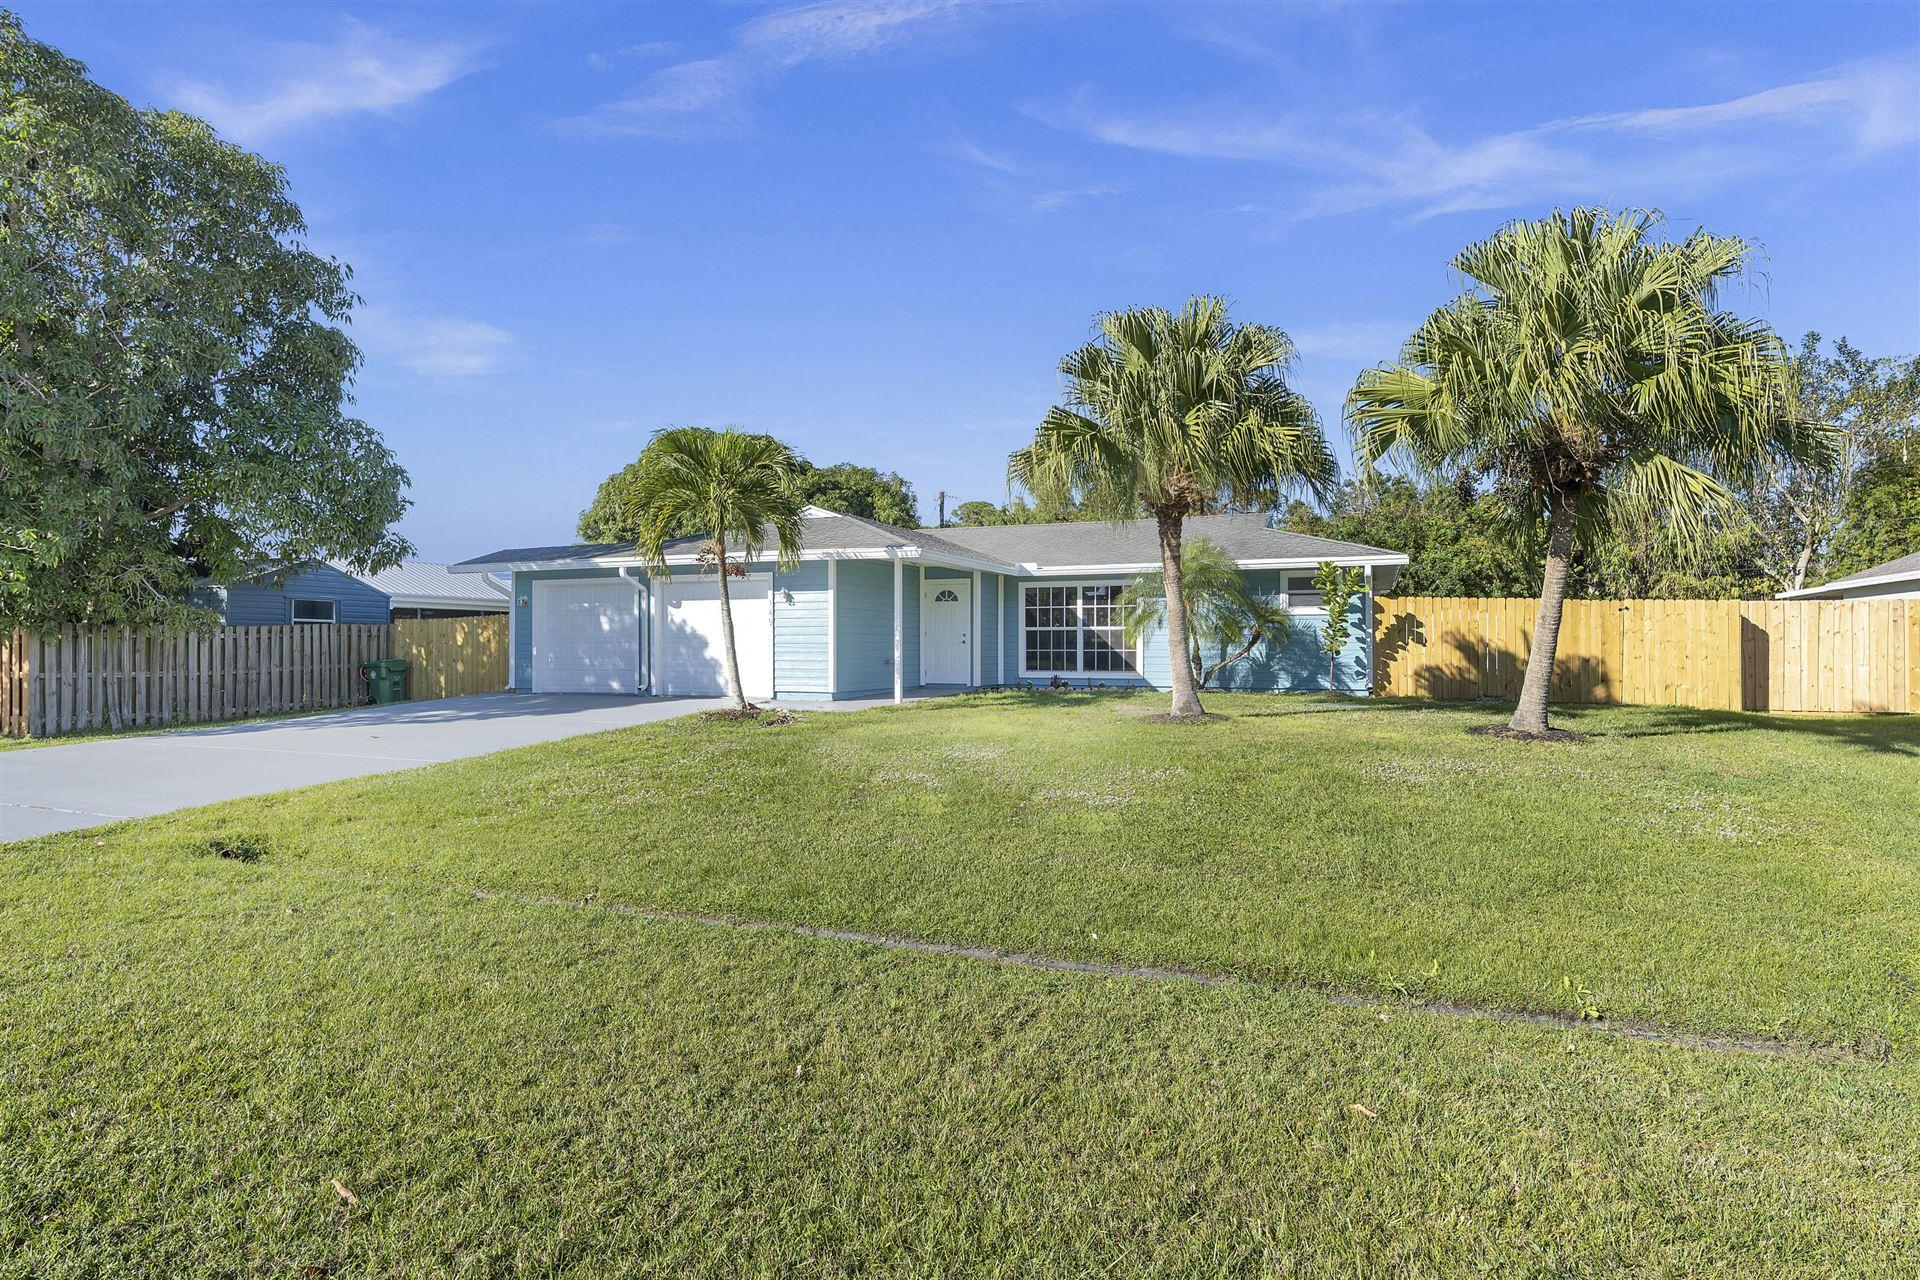 149 SW Fairchild Avenue, Port Saint Lucie, FL 34984 - #: RX-10673169